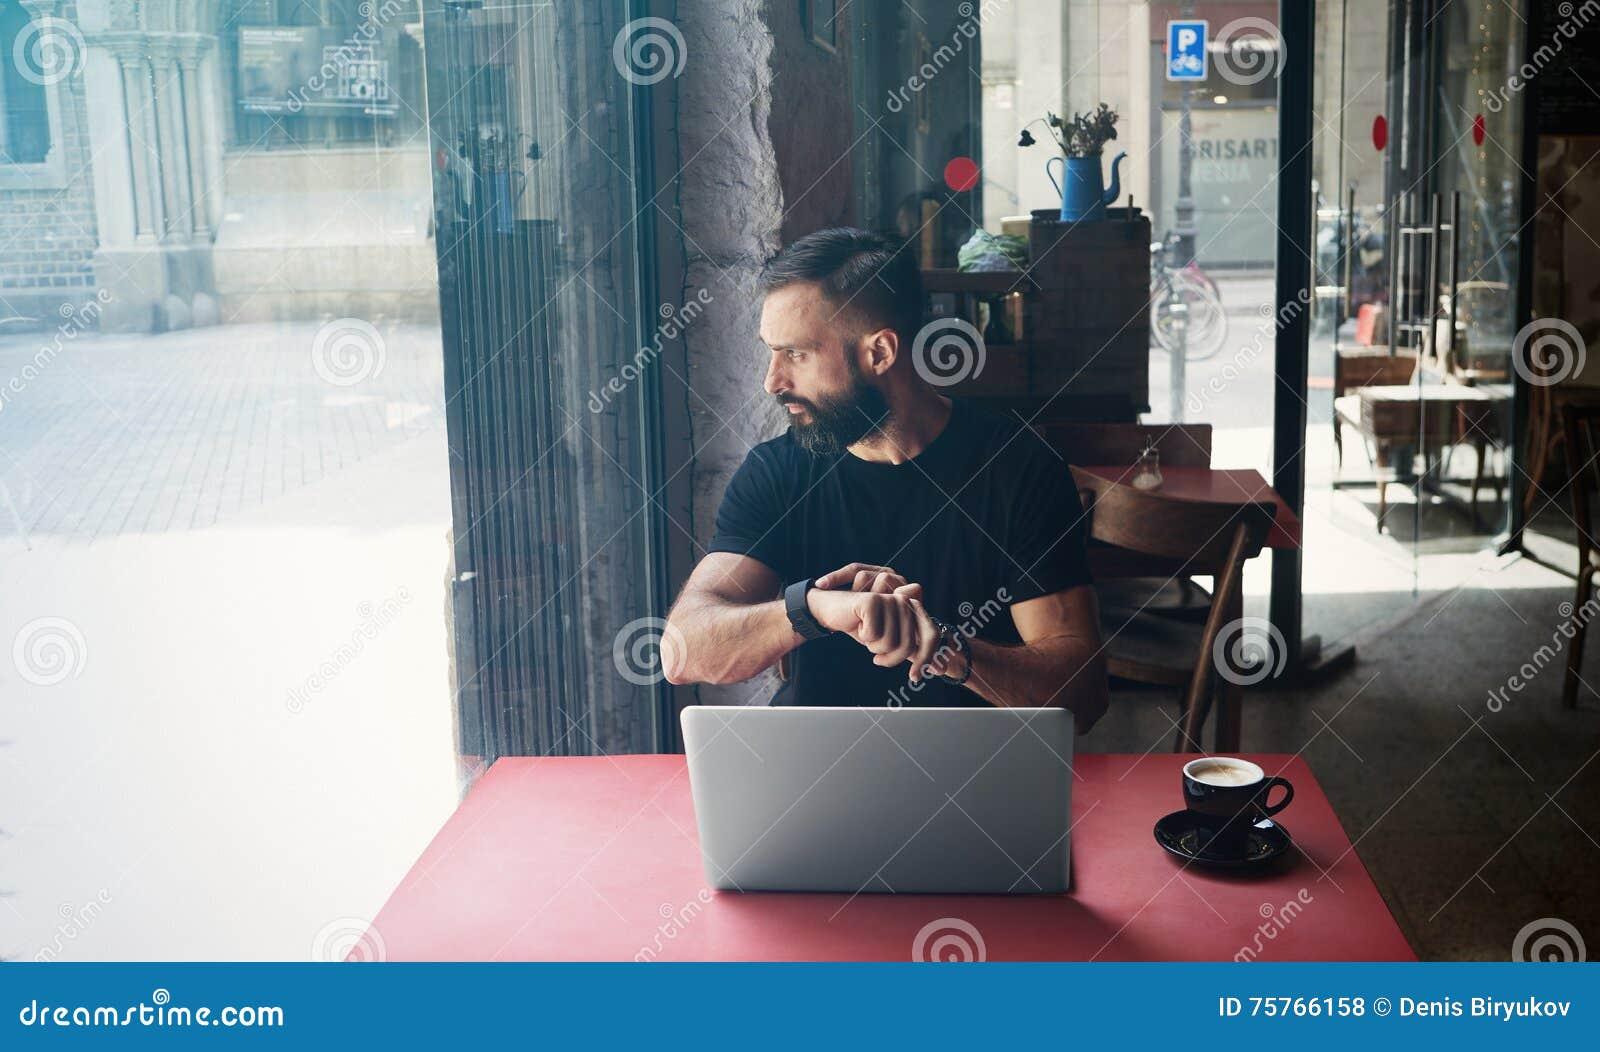 För Wearing Black Tshirt för skäggig affärsman för barn Urban funktionsdugligt bärbar dator kafé Se för kaffe för kopp för tabell